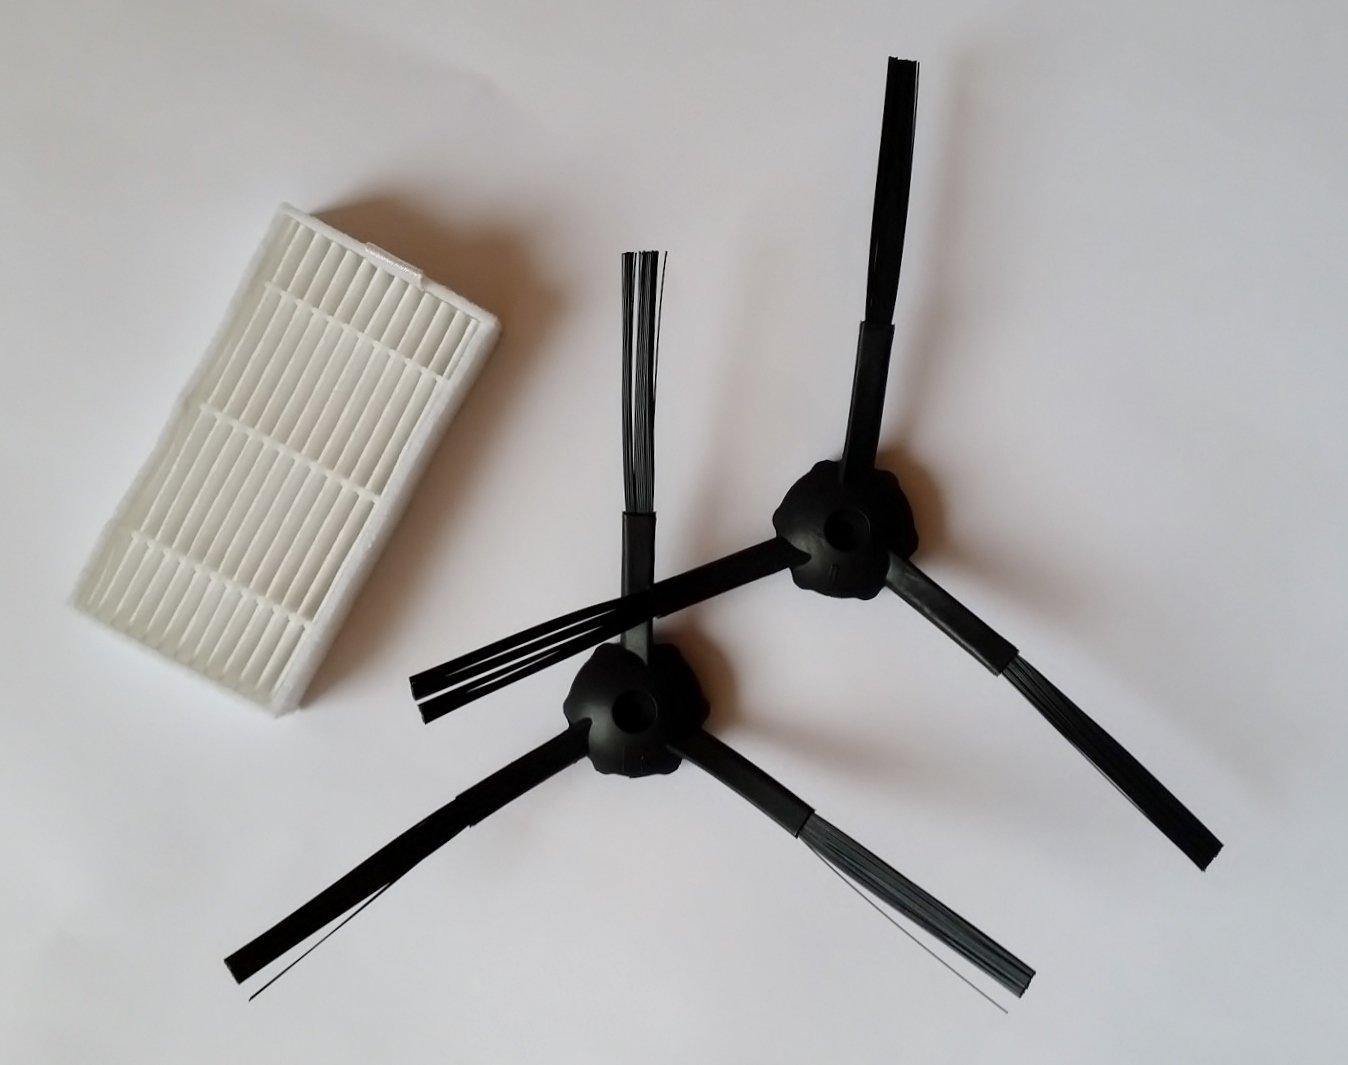 Robot aspirador profesional Master Robot 2712 o Ariete briciola 2711 de 1 par Cepillos y 1 pieza de filtro HEPA: Amazon.es: Hogar